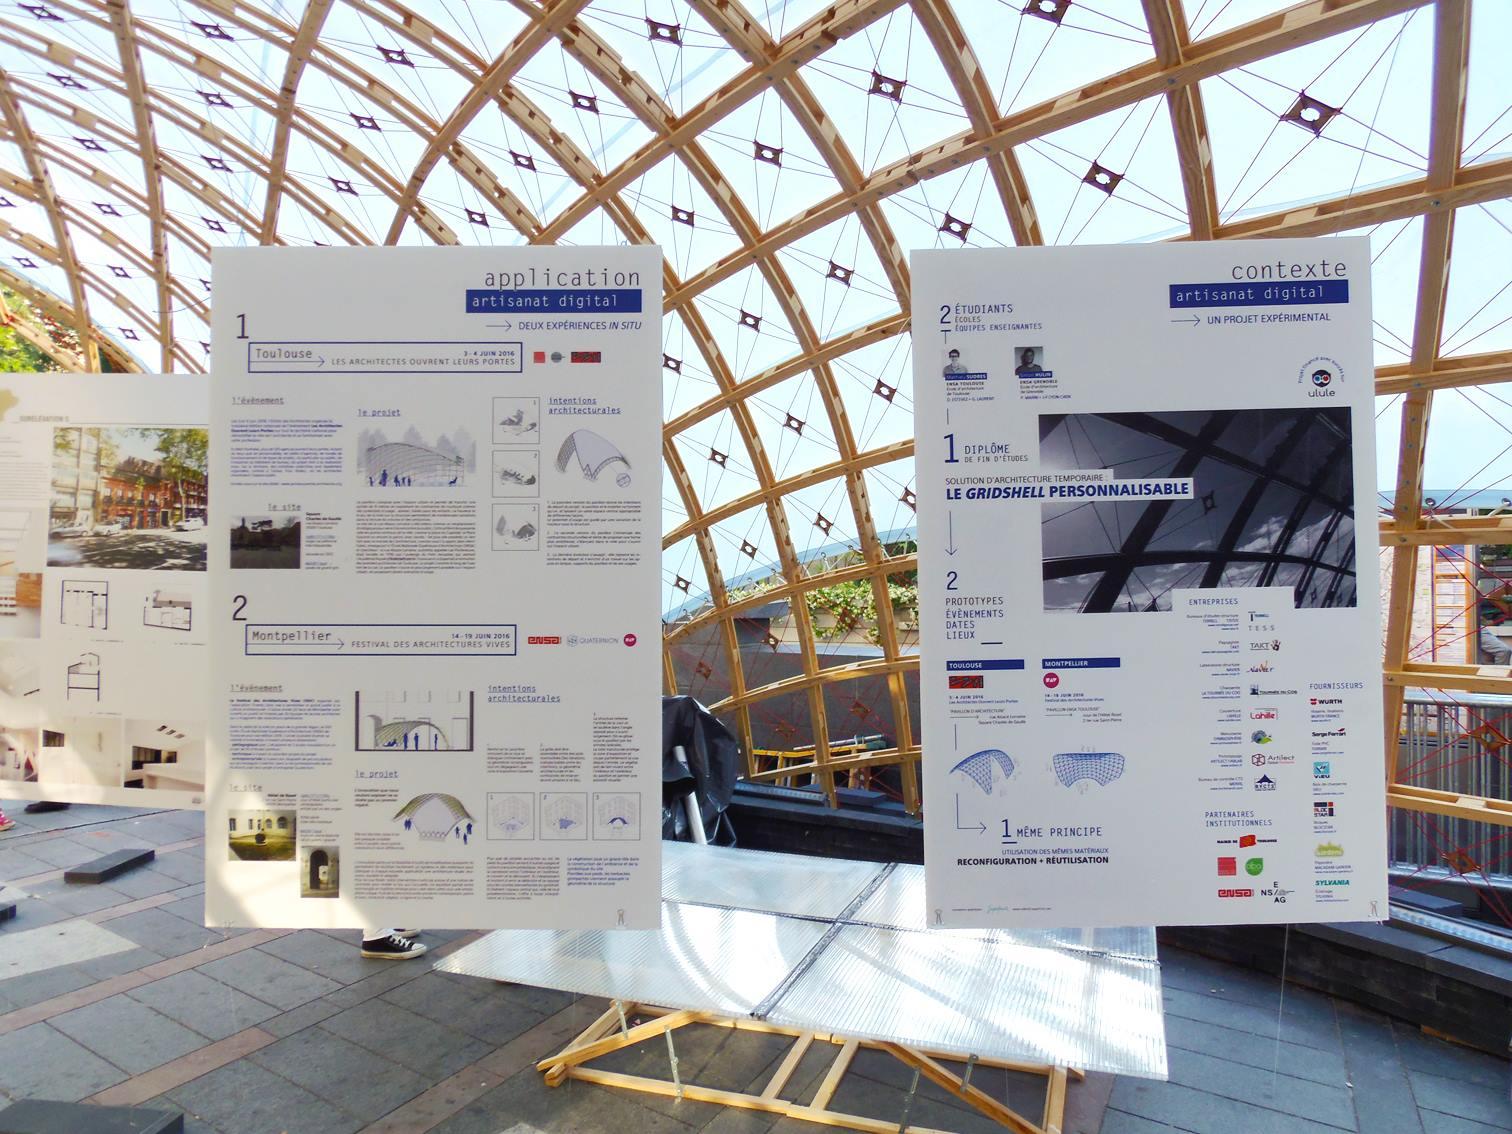 Panneaux application et contexte gridshell quaternion Architectes Ouvrent leur Portes métro Capitole Toulouse